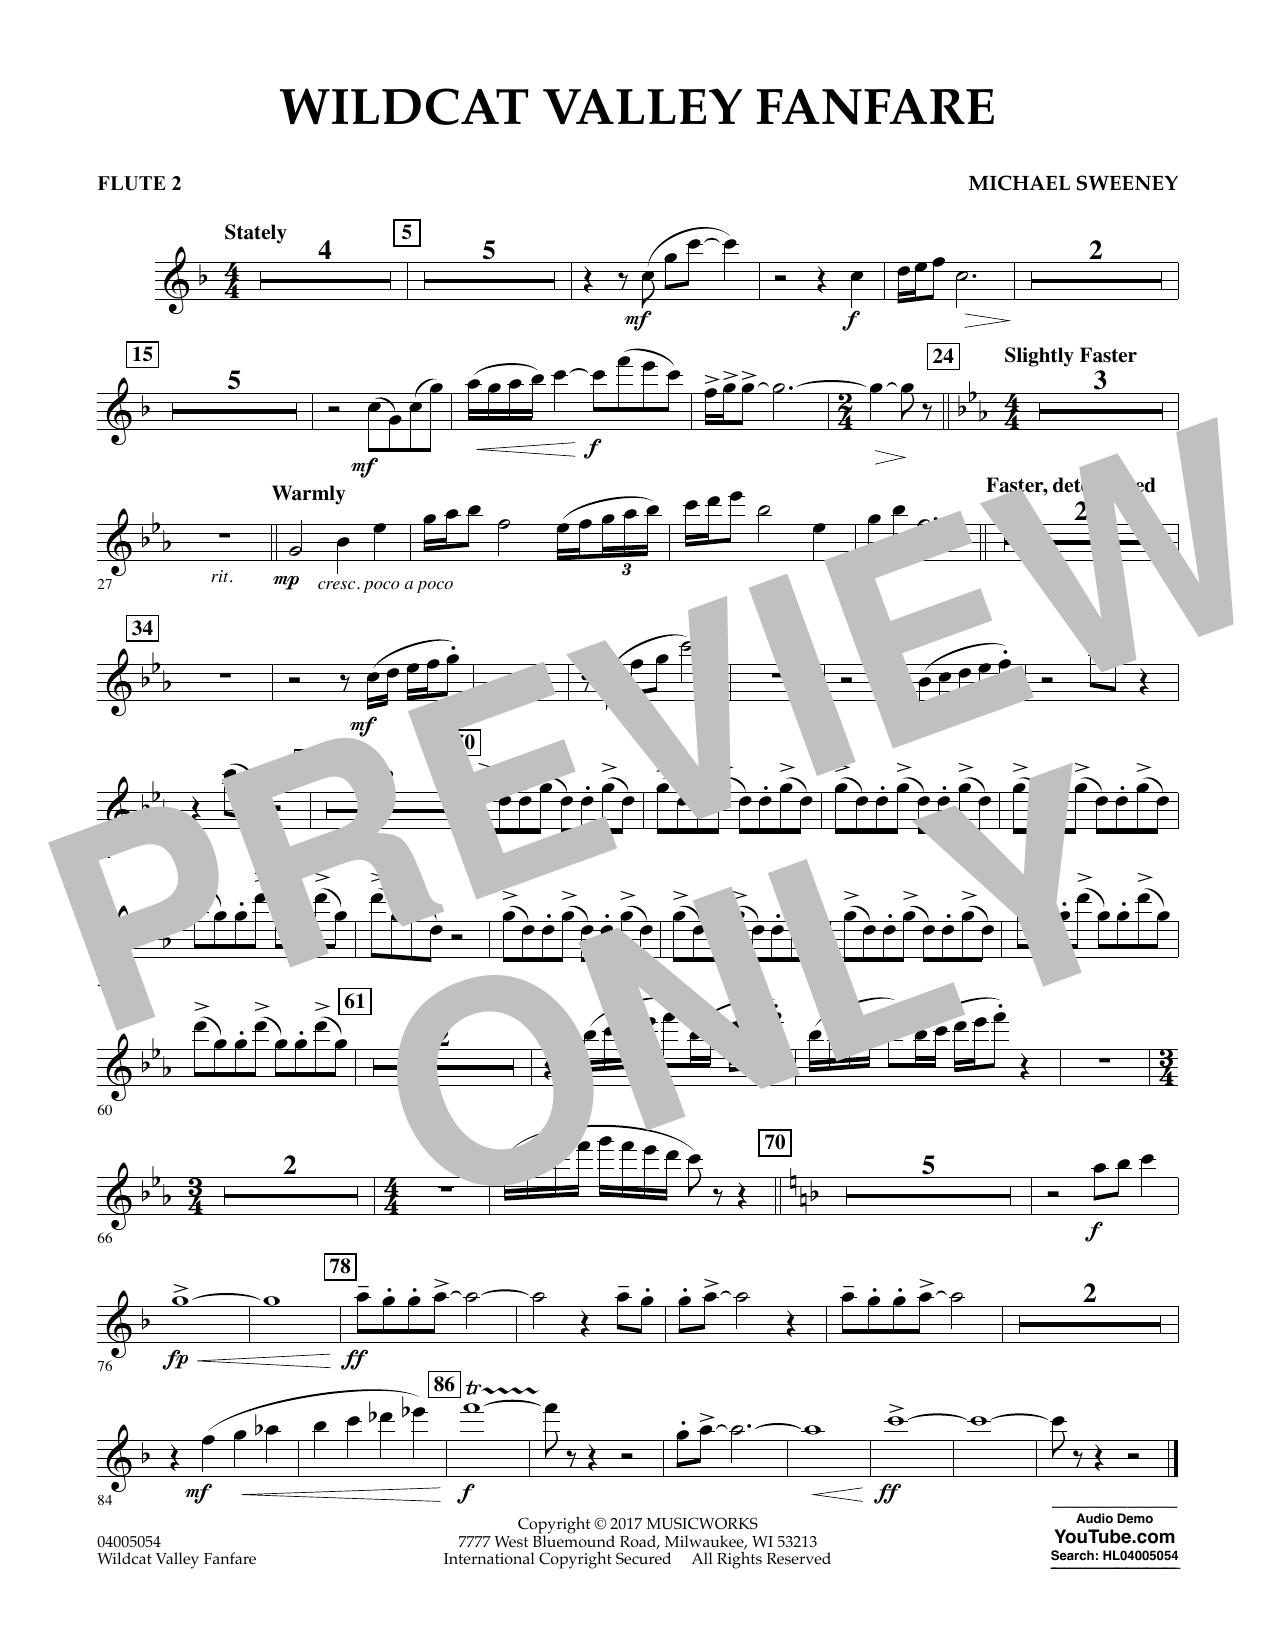 Wildcat Valley Fanfare - Flute 2 Sheet Music